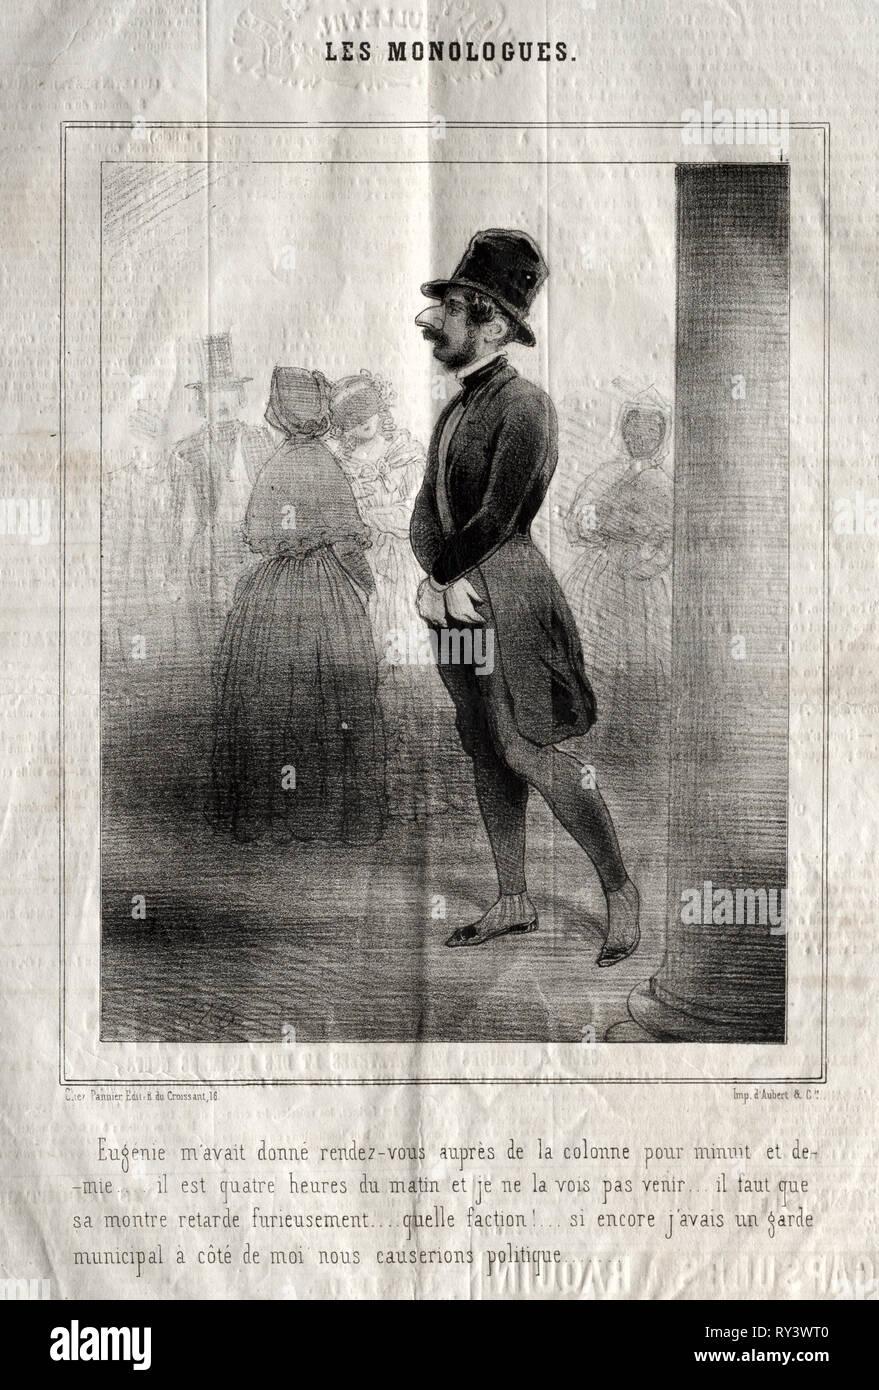 Les Monologues:  Eugénie m'avait donné rendez-vous auprès de la colonne pour minuit et demie.... Charles Joseph Traviès de Villers (French, 1804-1859). Lithograph Stock Photo